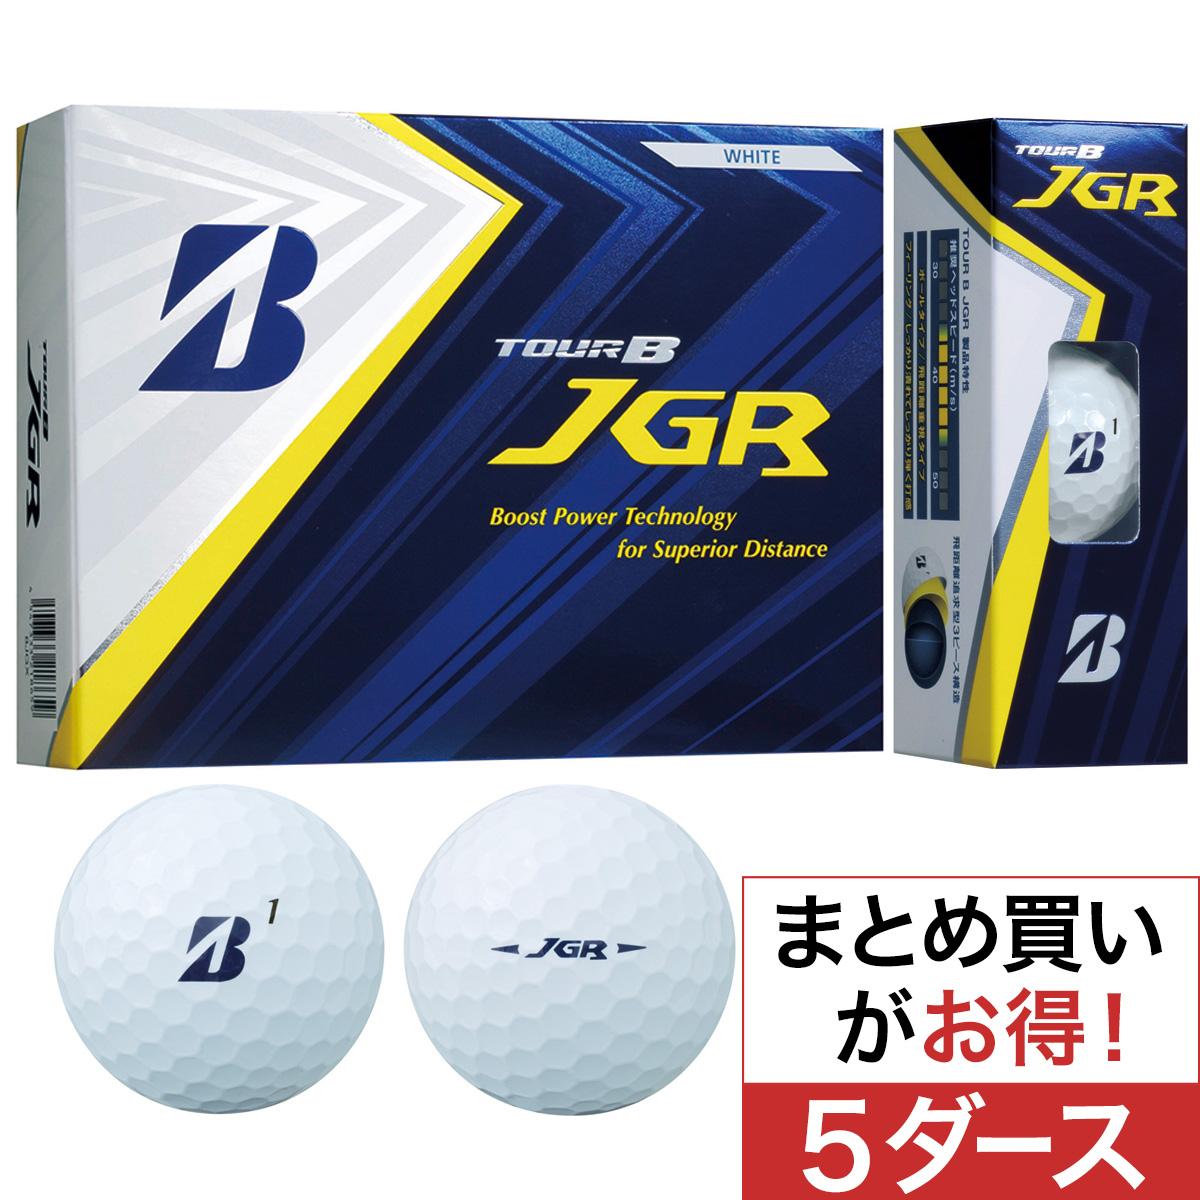 JGRボール 5ダースセット